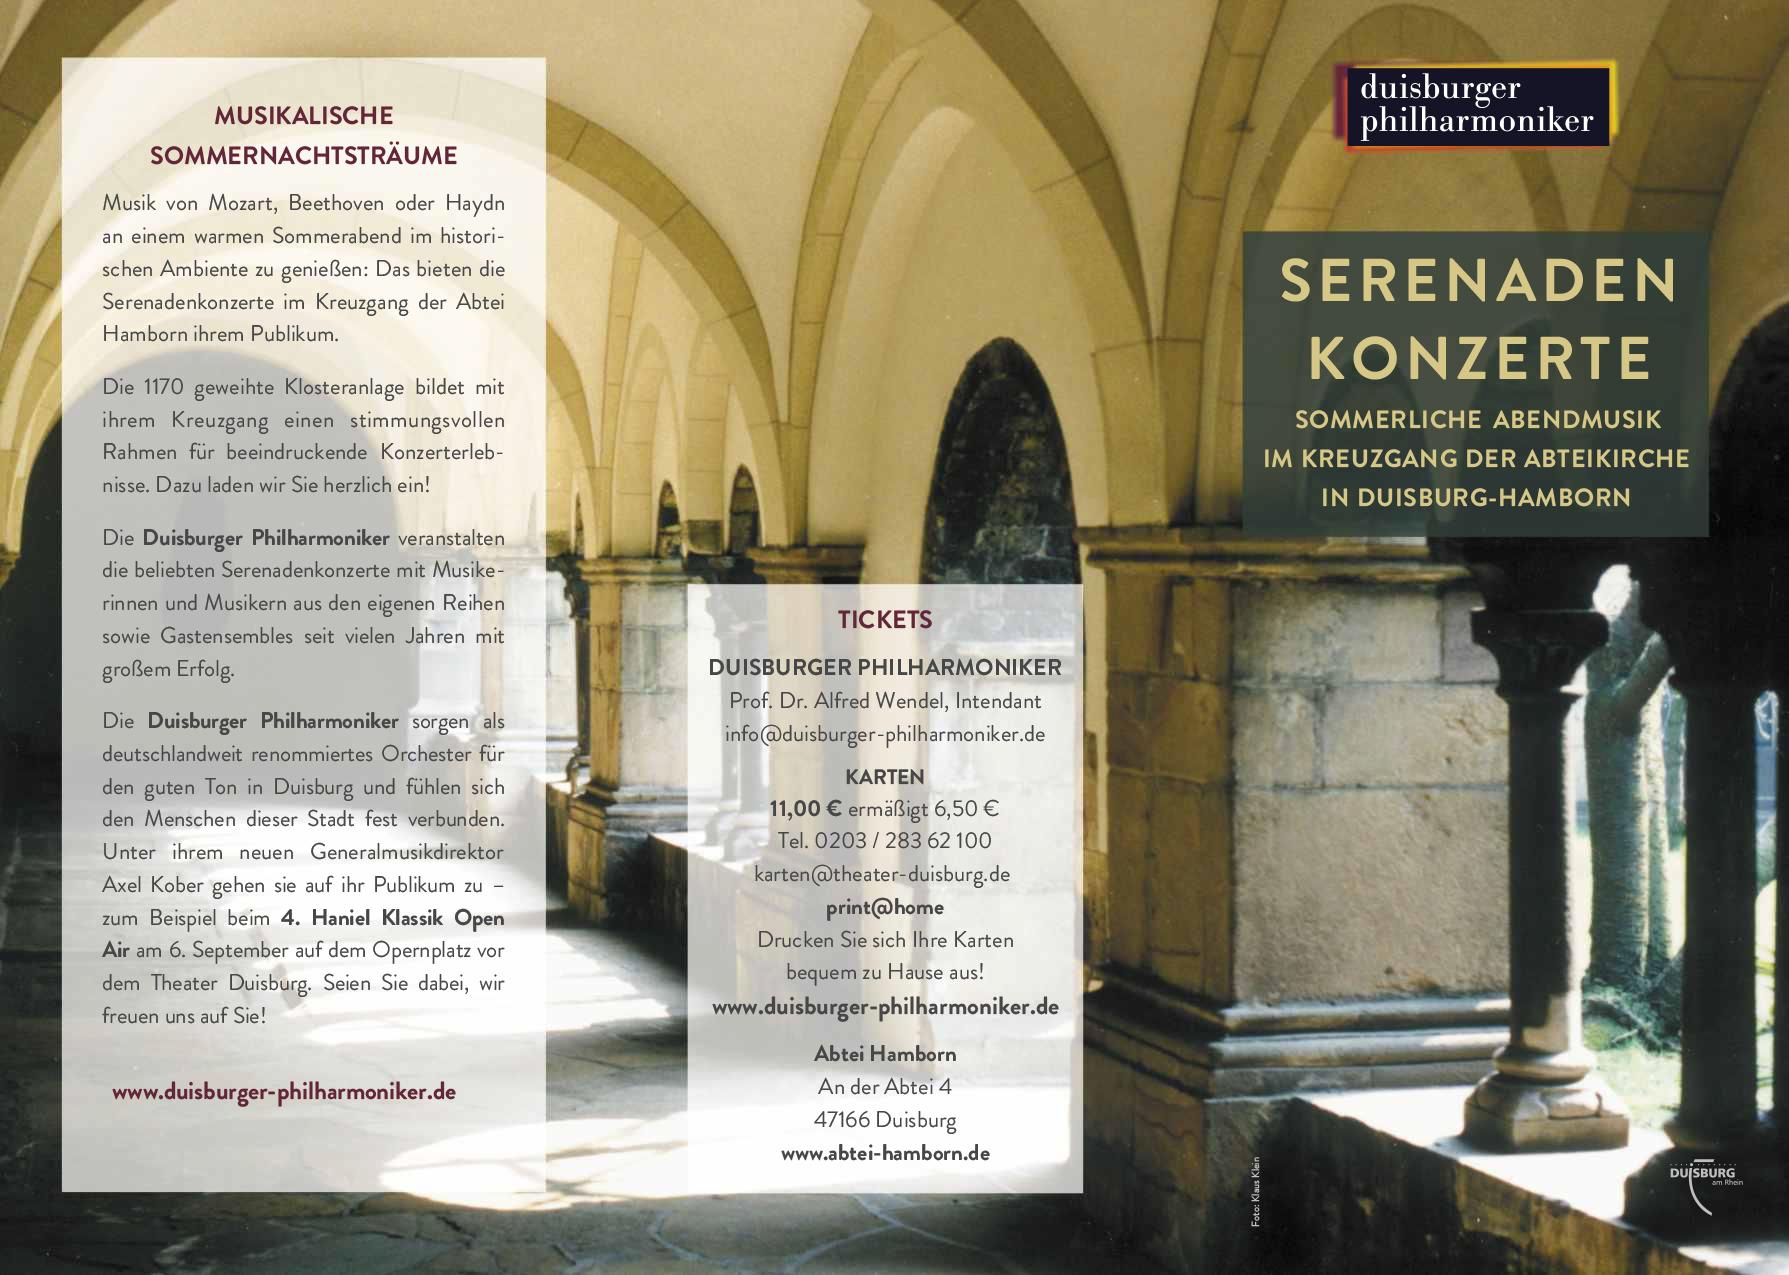 Serenadenkonzerte im Kreuzgang der Abteikirche